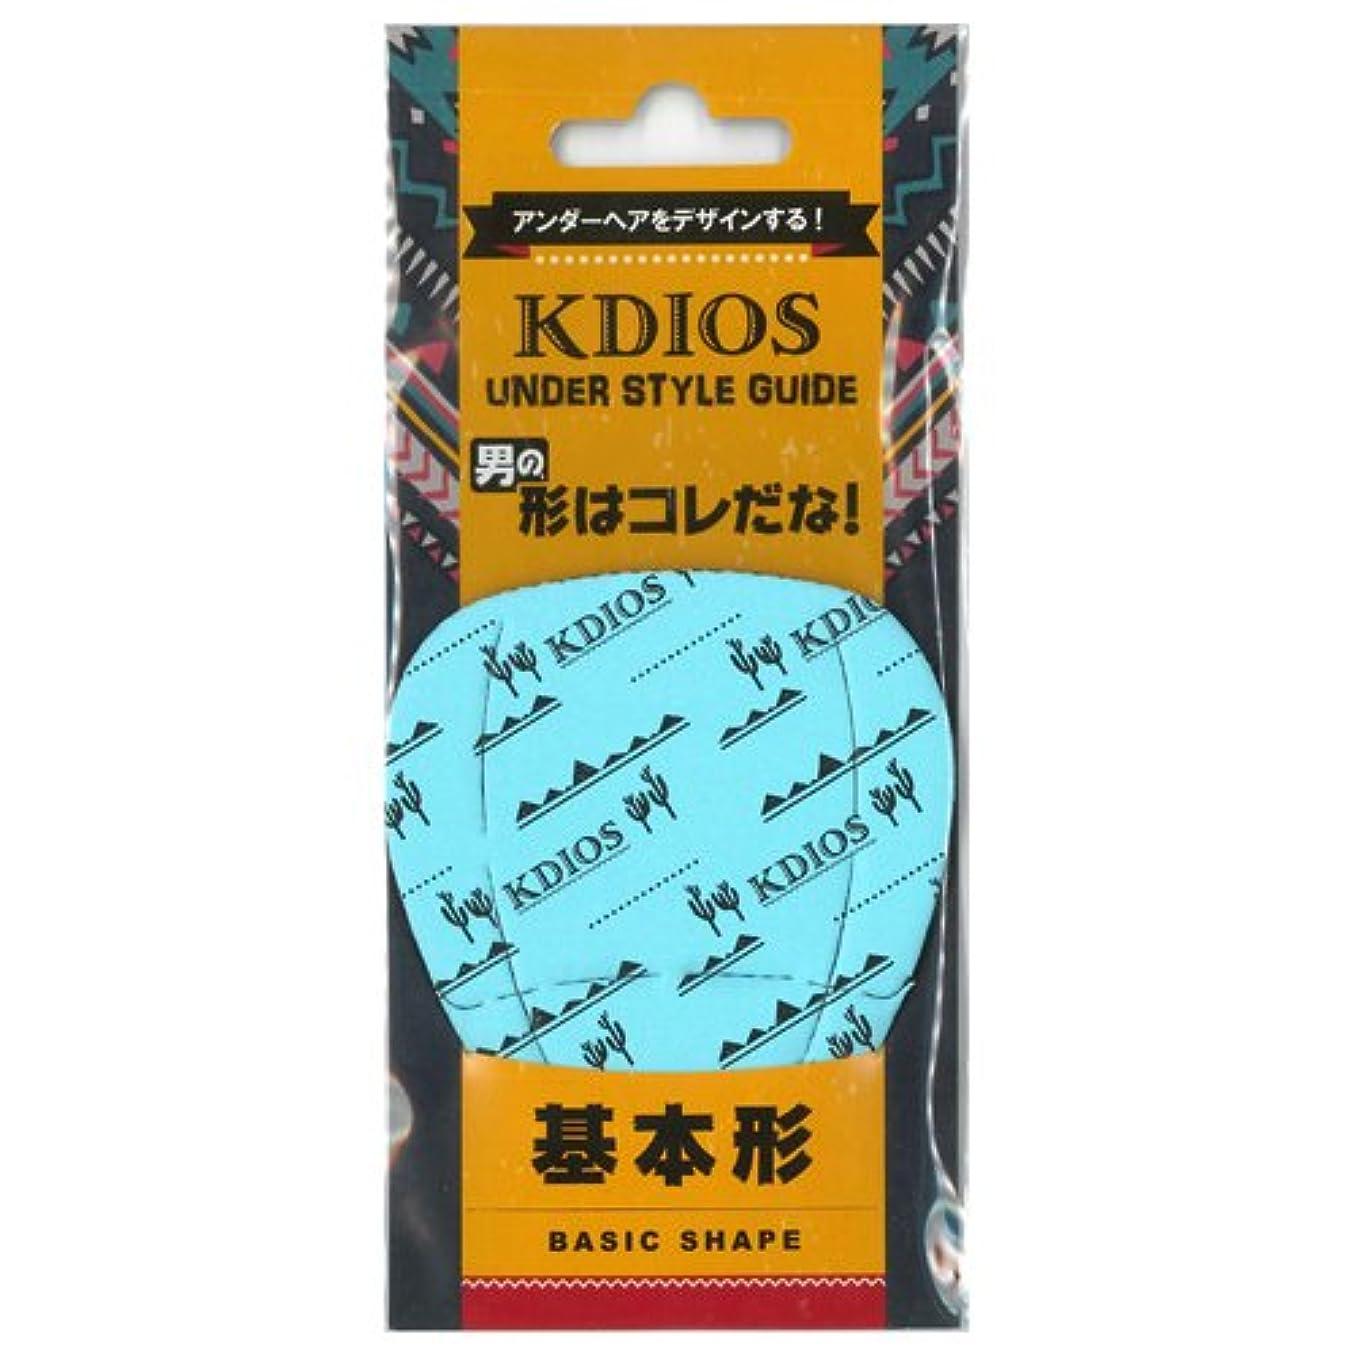 ドラフト天文学国歌KDIOS(ケディオス) アンダースタイルガイド 「基本形」 FOR MEN